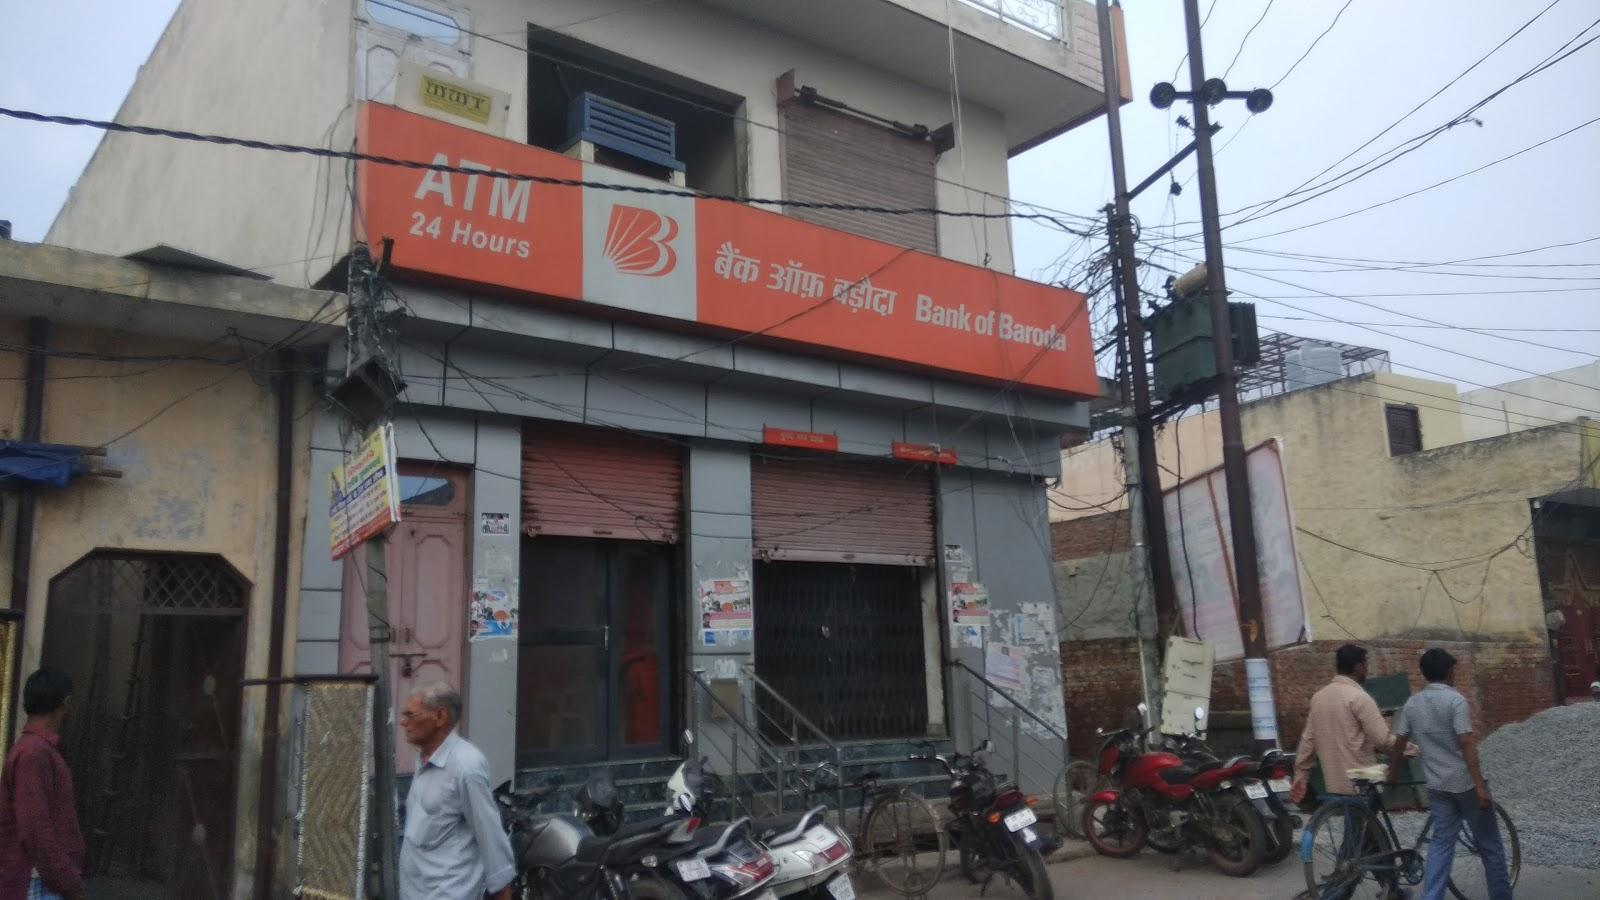 blood bank Bank Of Baroda near Muradnagar Uttar Pradesh